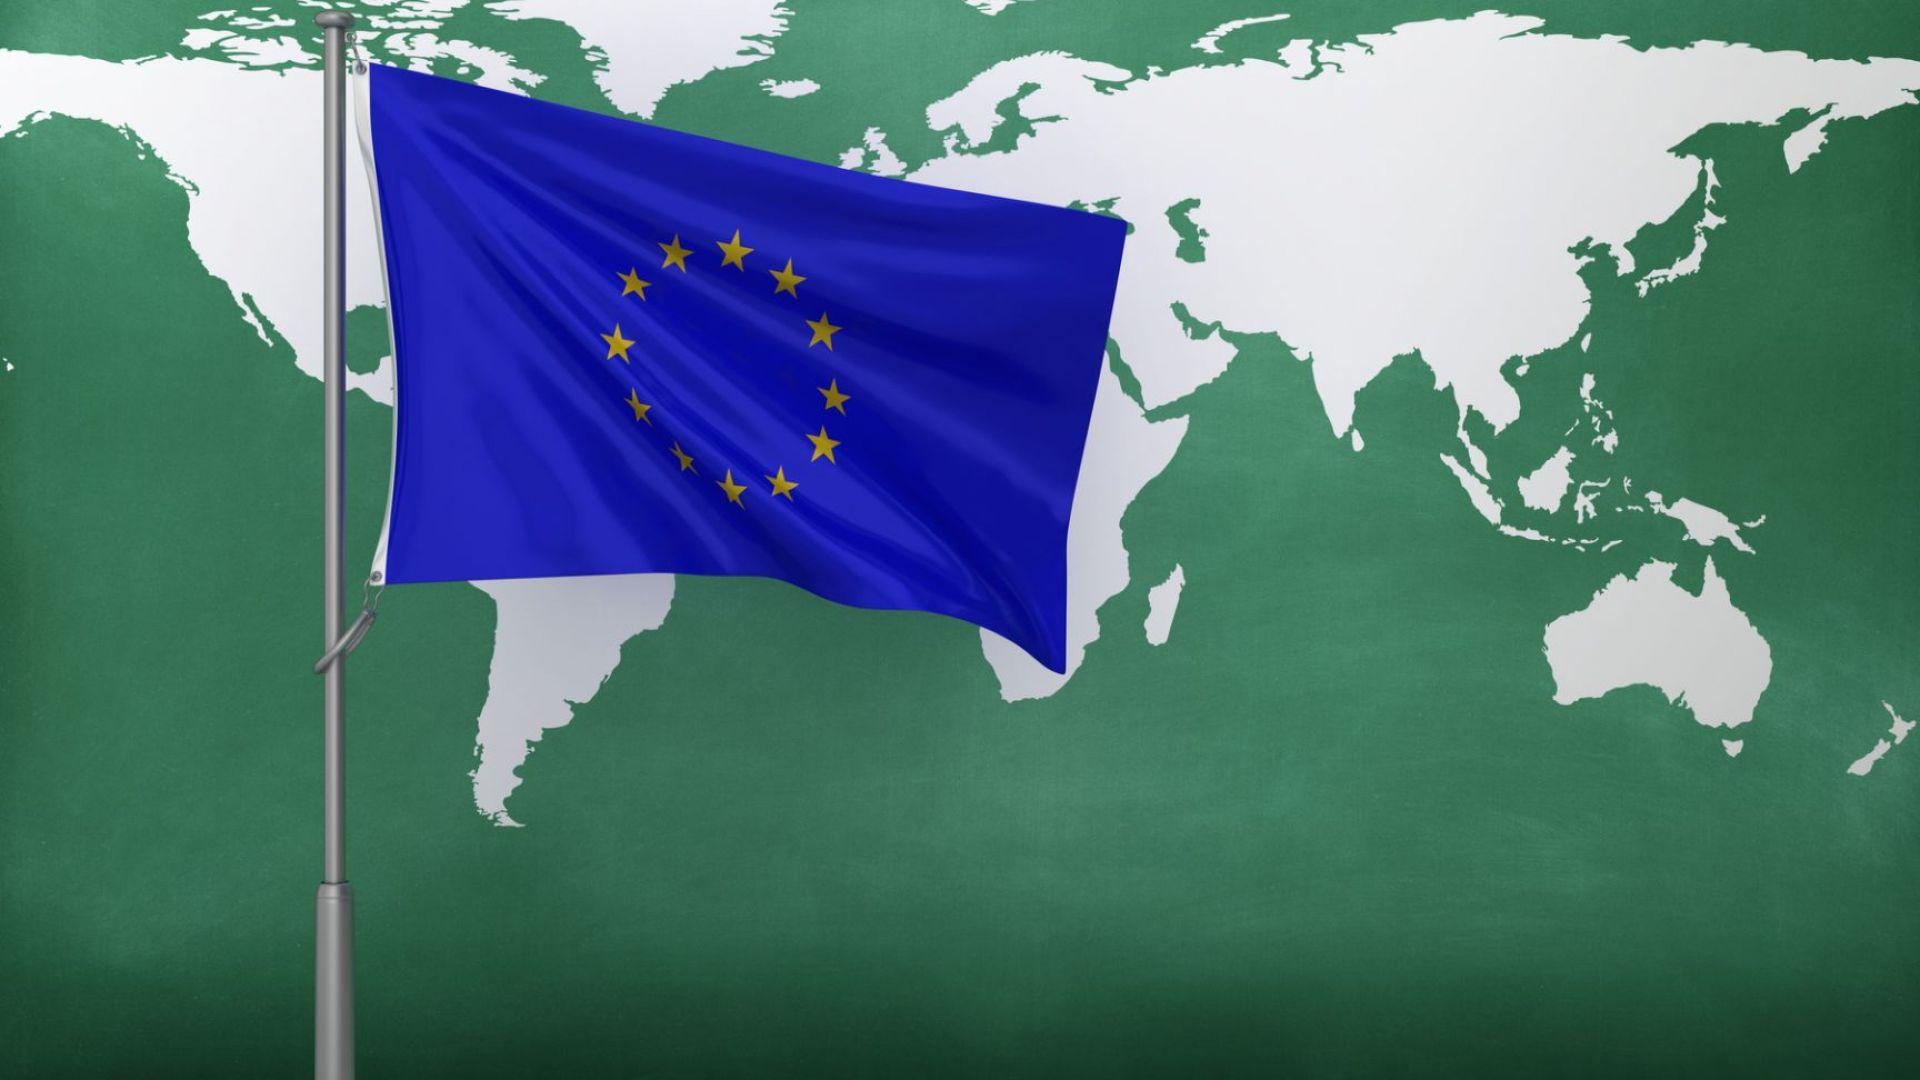 """България иска компенсация, за да подкрепи """"Зелената сделка"""""""